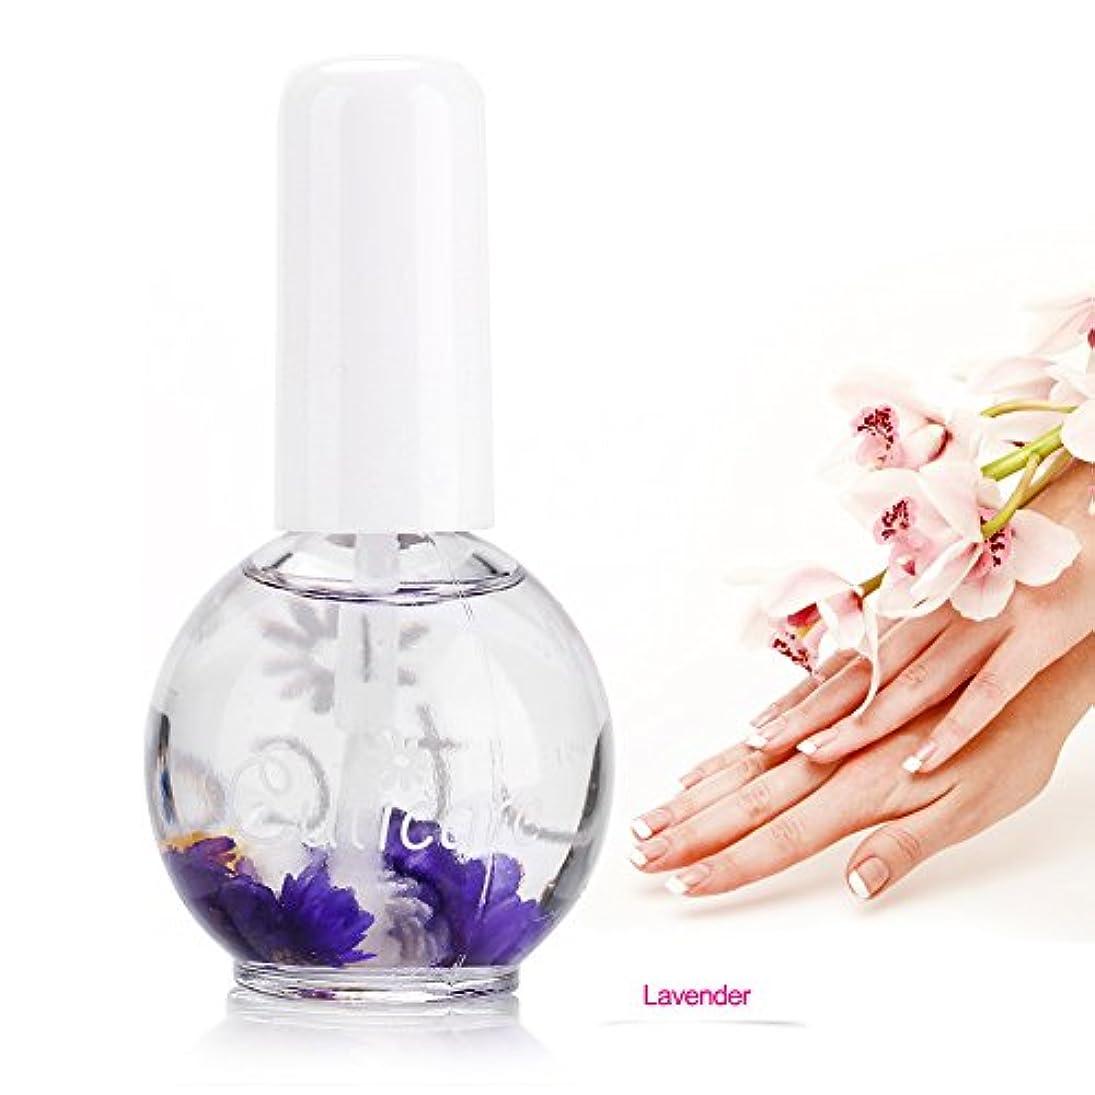 騒乱嘆く大理石ネイル栄養オイル、ネイル栄養オイルネイルキューティクルオイル処理栄養ツールナチュラルドライフラワー(Lavender)